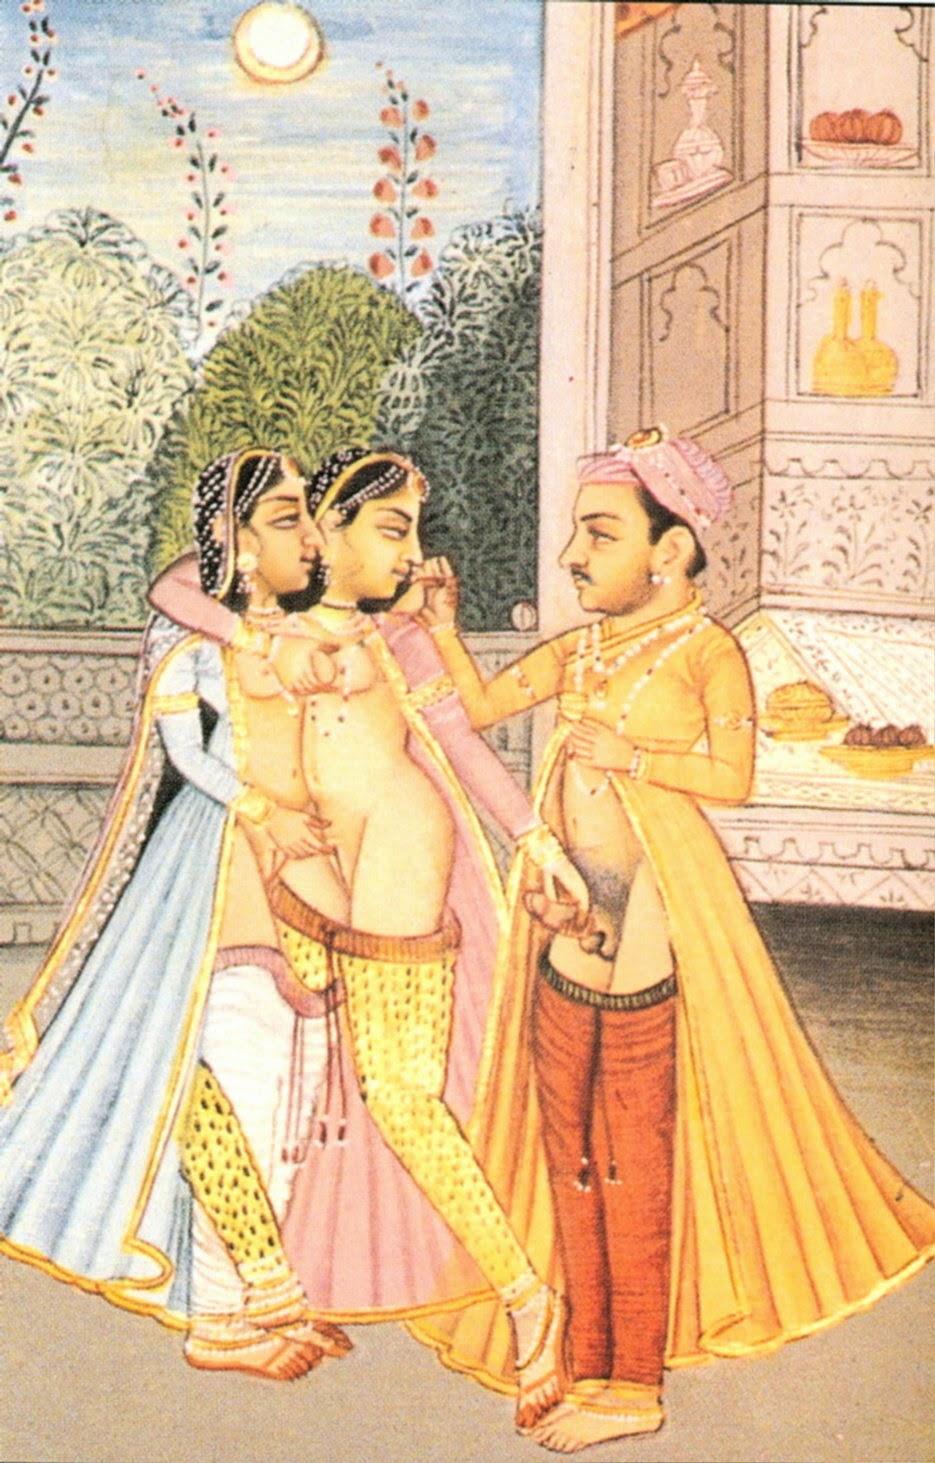 руками торопливо индийская эротика галерея бог, как